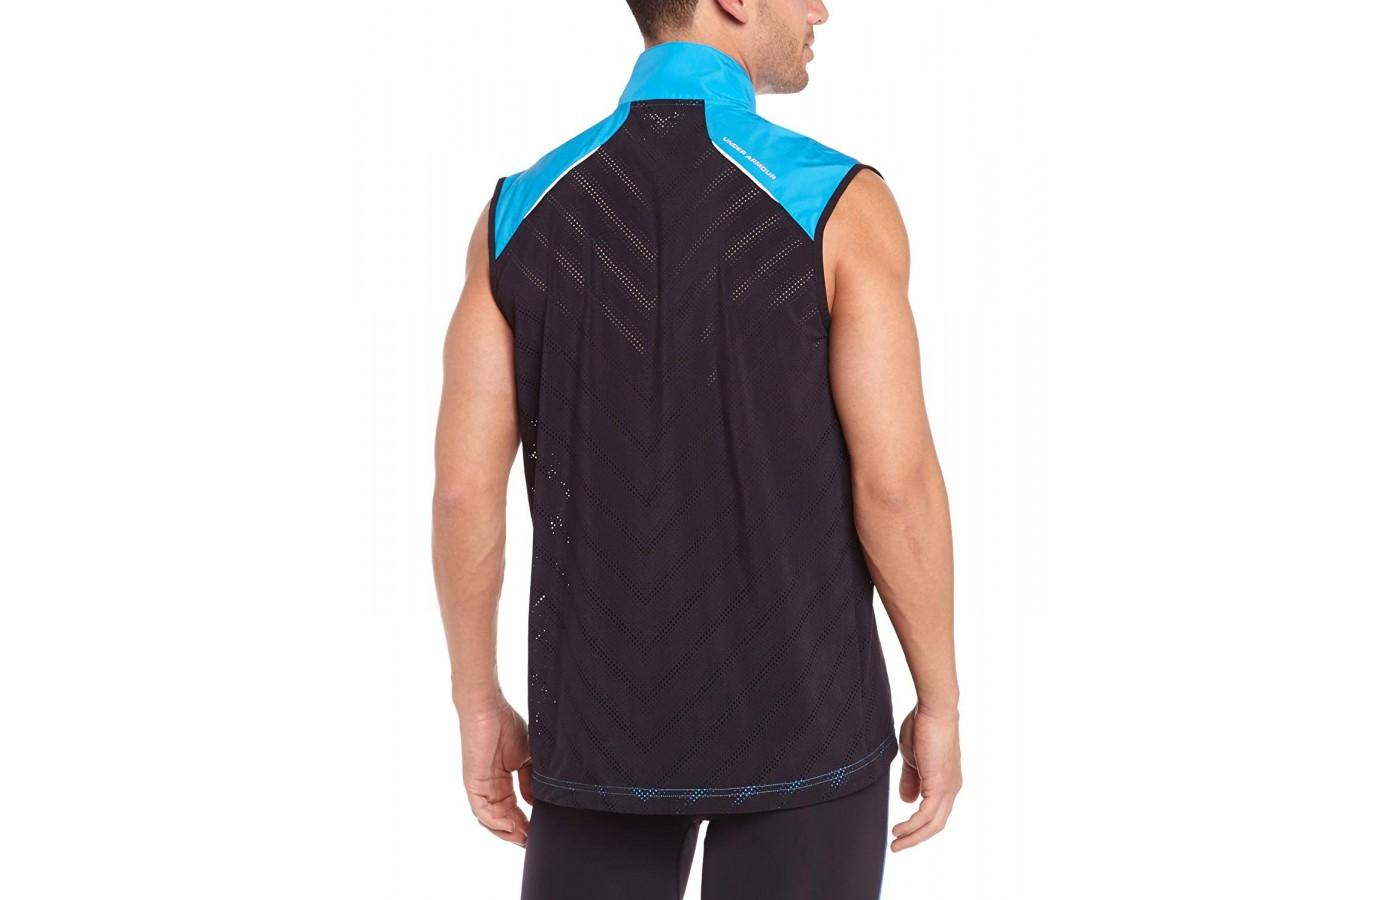 Under Armour Armourvent Vest back